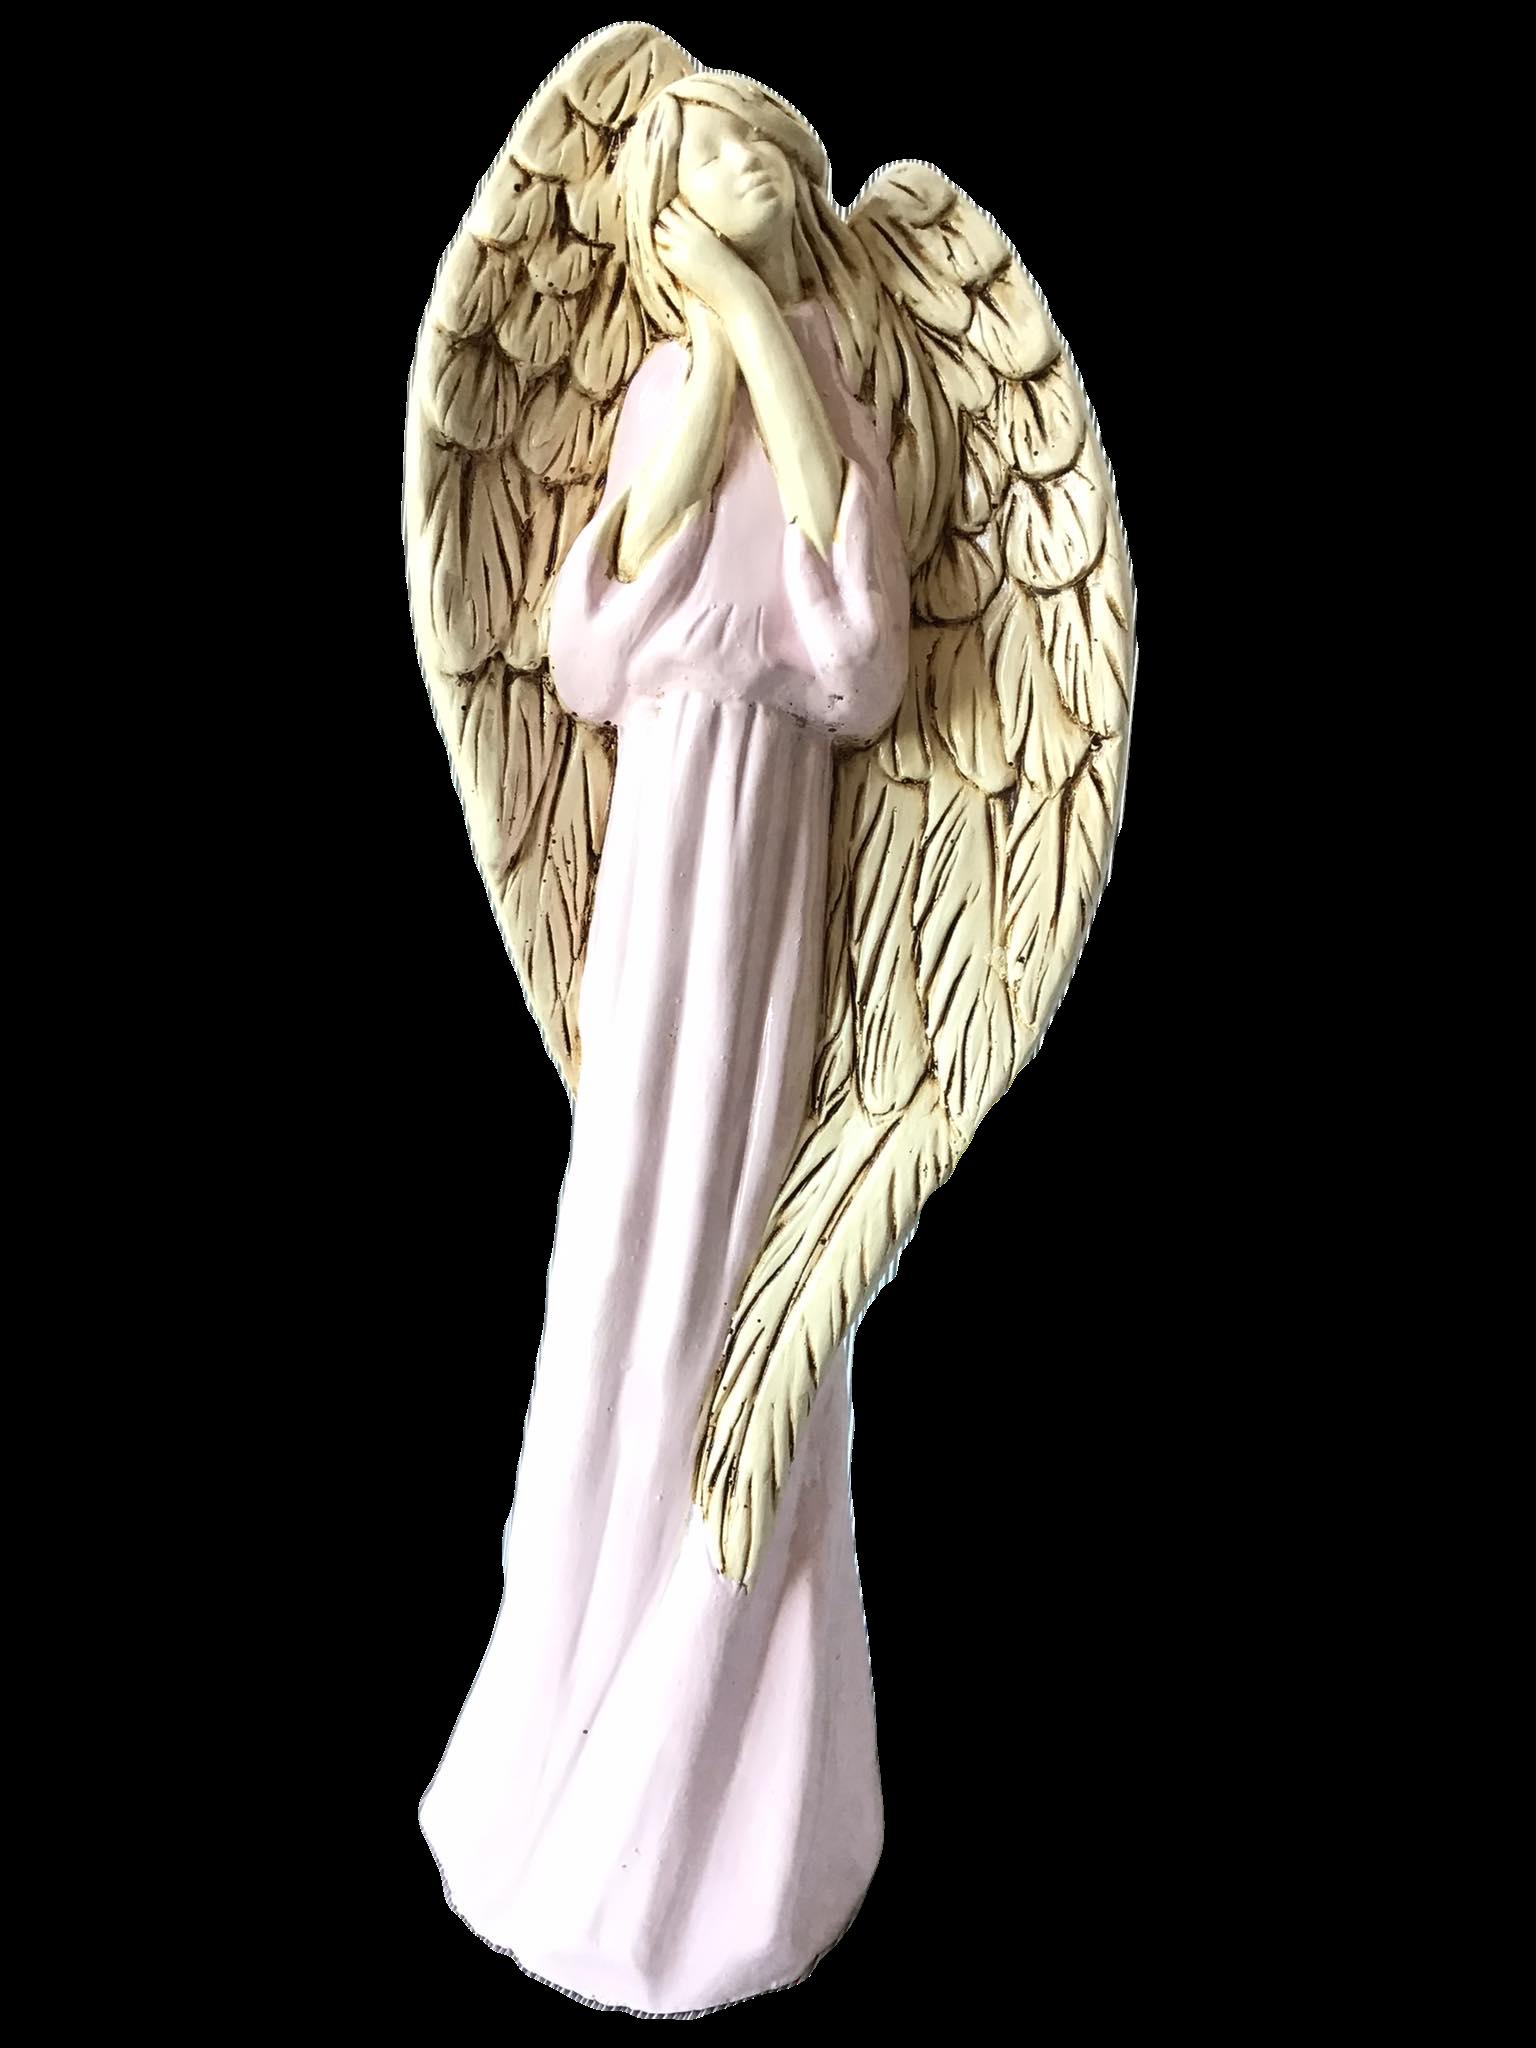 Anioł_Gabi2a